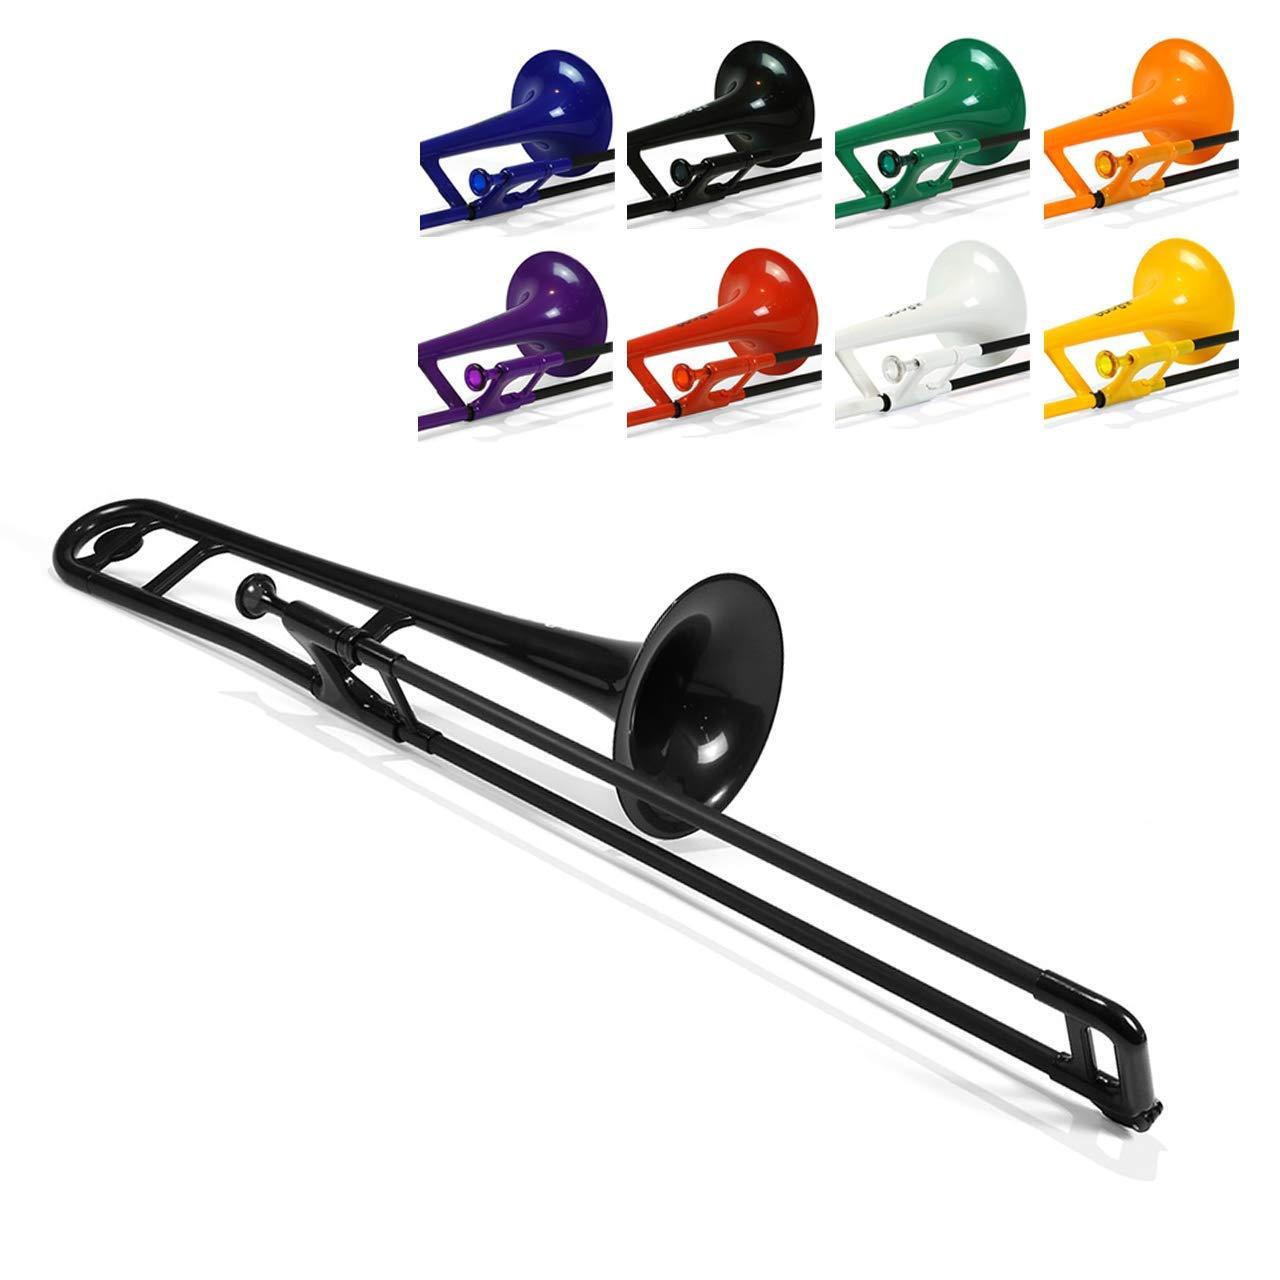 pbone 700645 - Trombón con boquilla y funda: Amazon.es: Instrumentos musicales